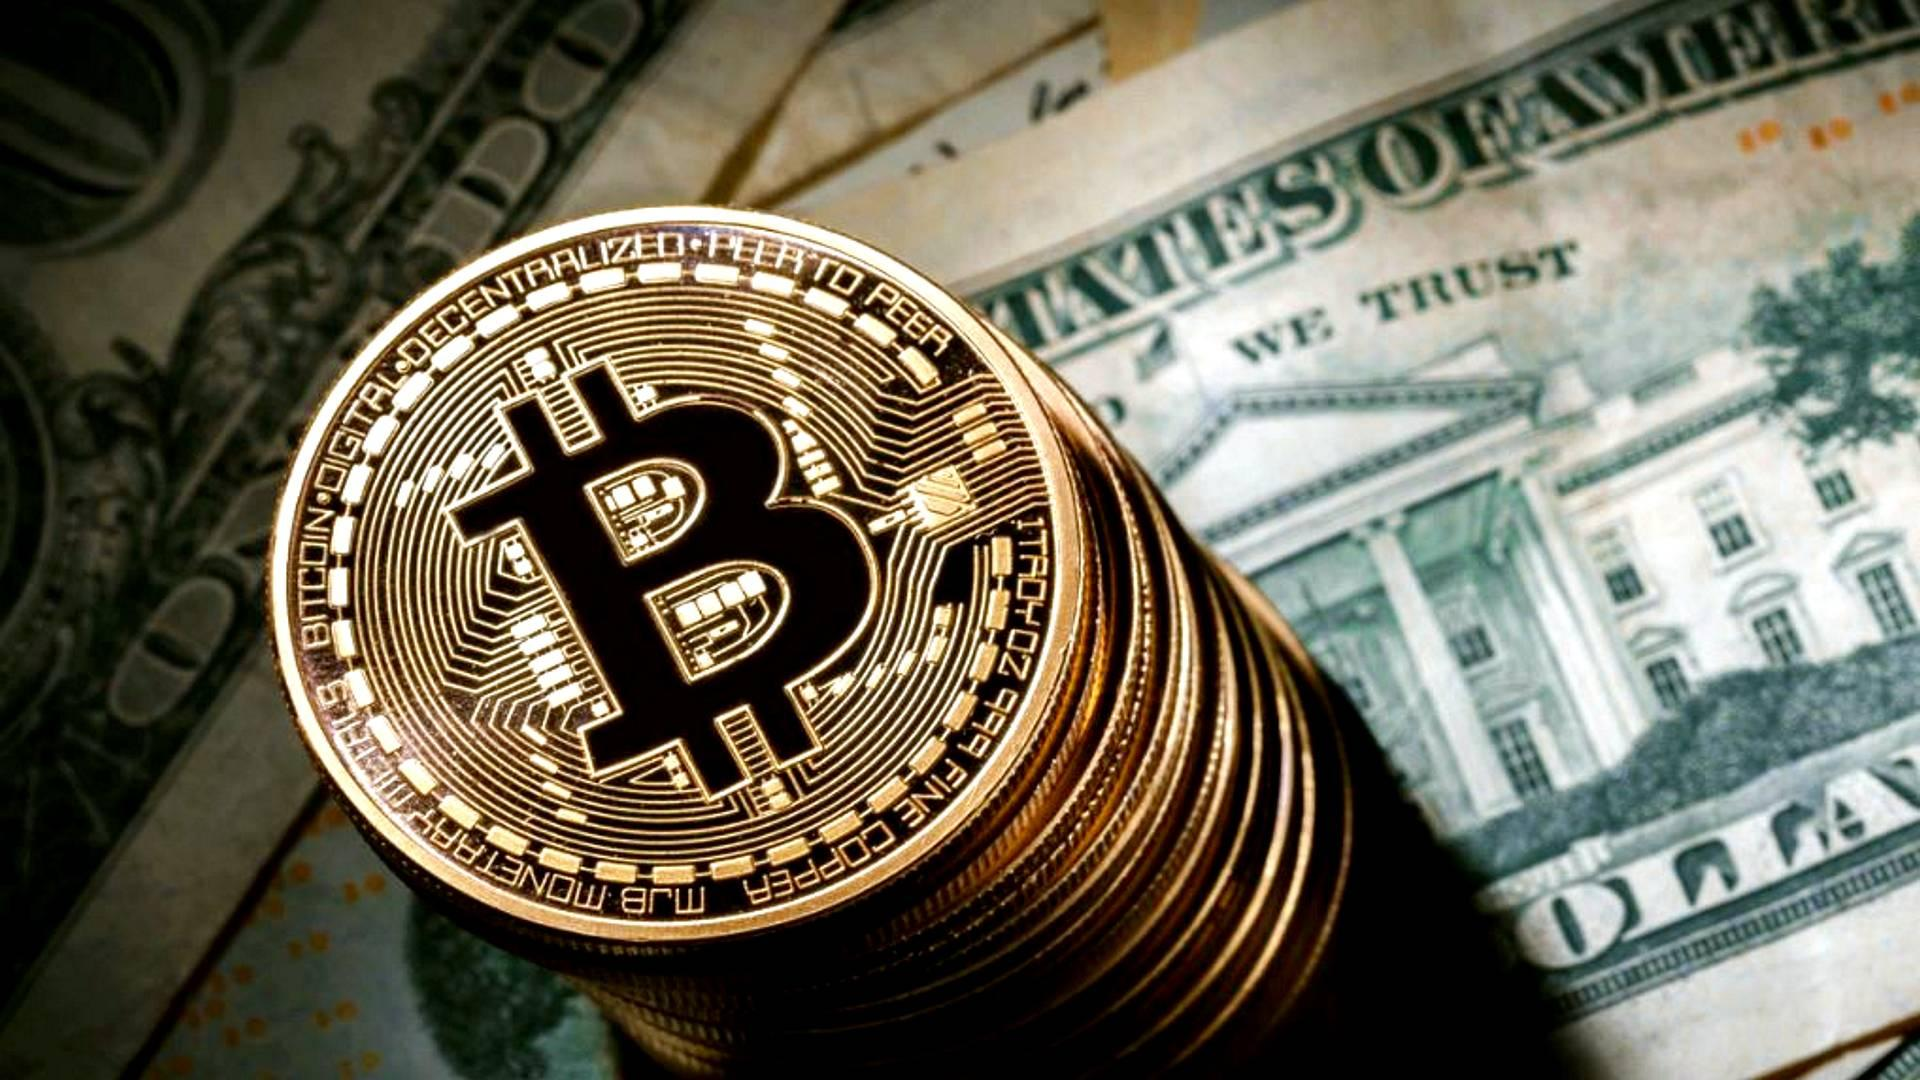 Похищенный в Киеве российский криптовалютчик откупился биткоинами на $1 миллион